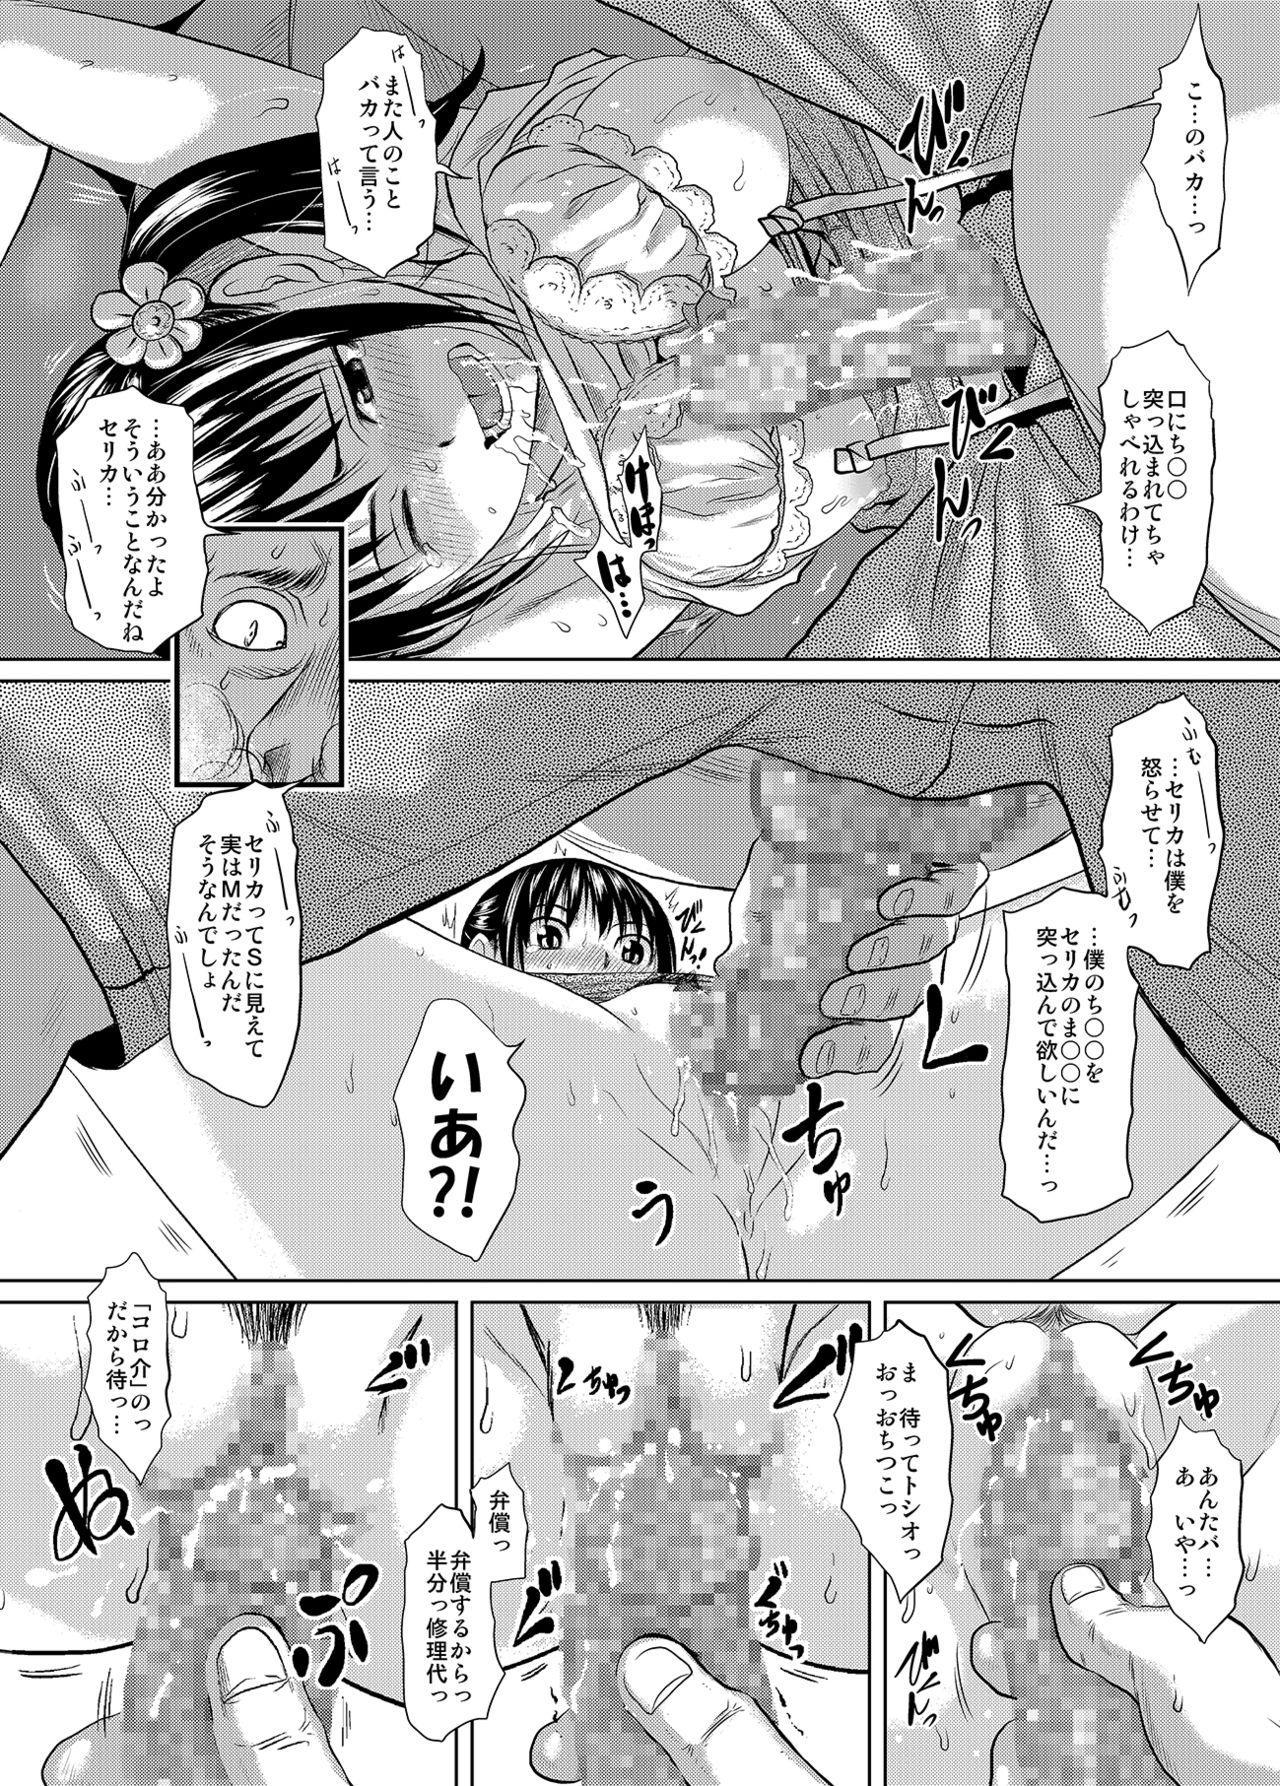 Mukashi kara Baka ni Shiteita Itoko no Kanninbukuro no O ga Kireta Kekka, Futarikiri no Semai Shanai de Karada o Moteasobareta Natsu no Hi no Koto. 33